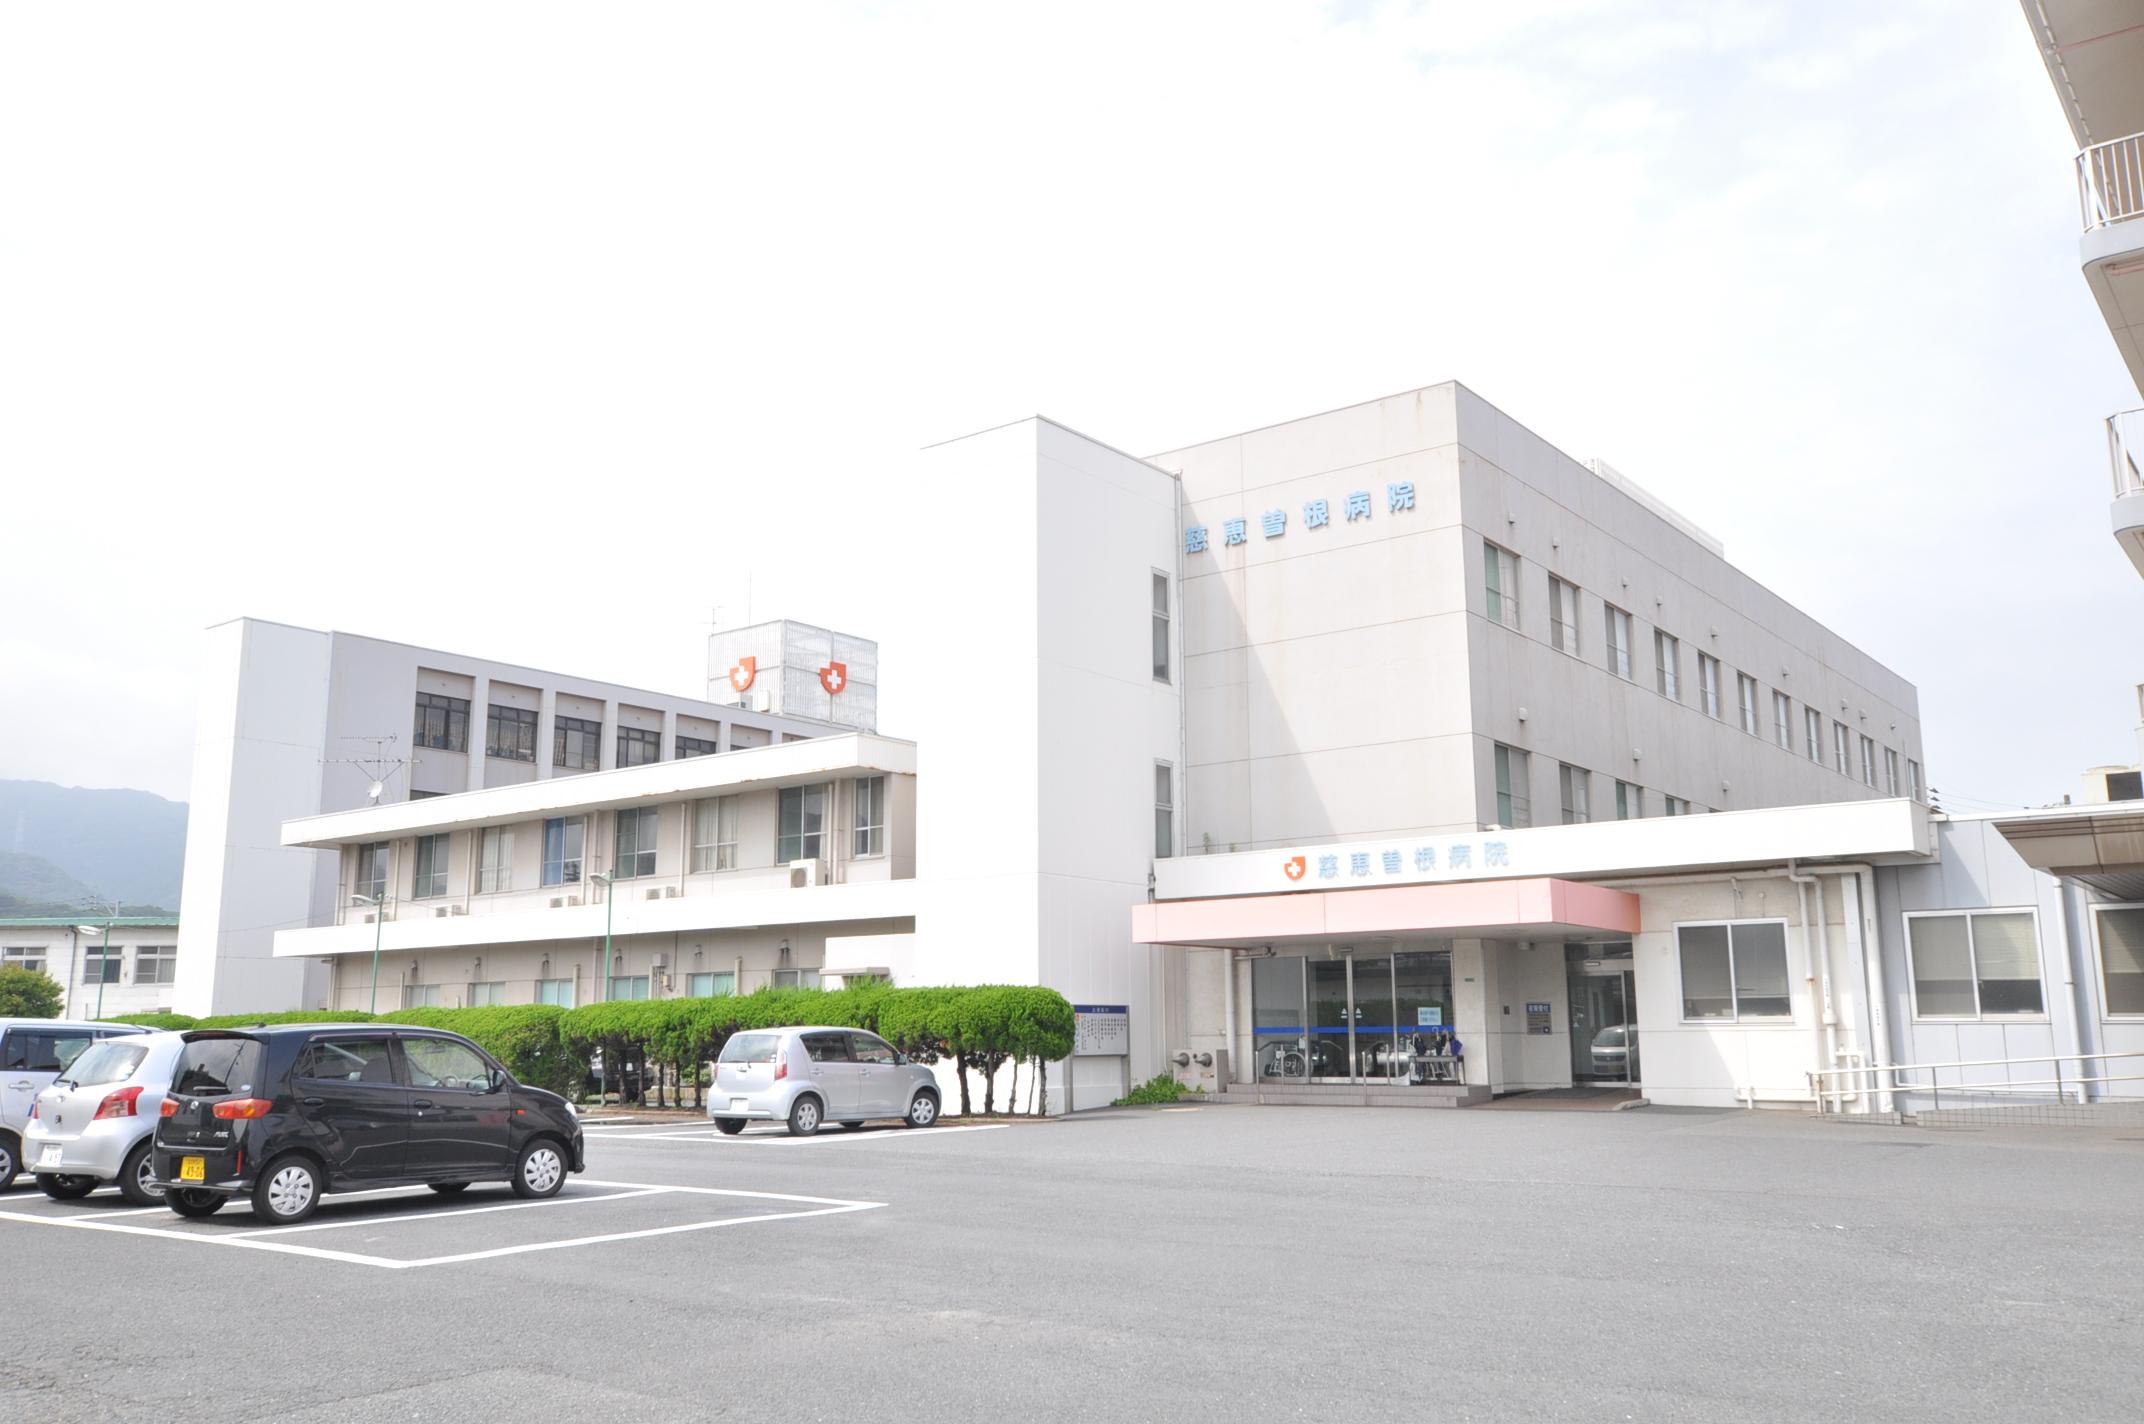 「北九州市慈恵曽根病院駐車場」の画像検索結果